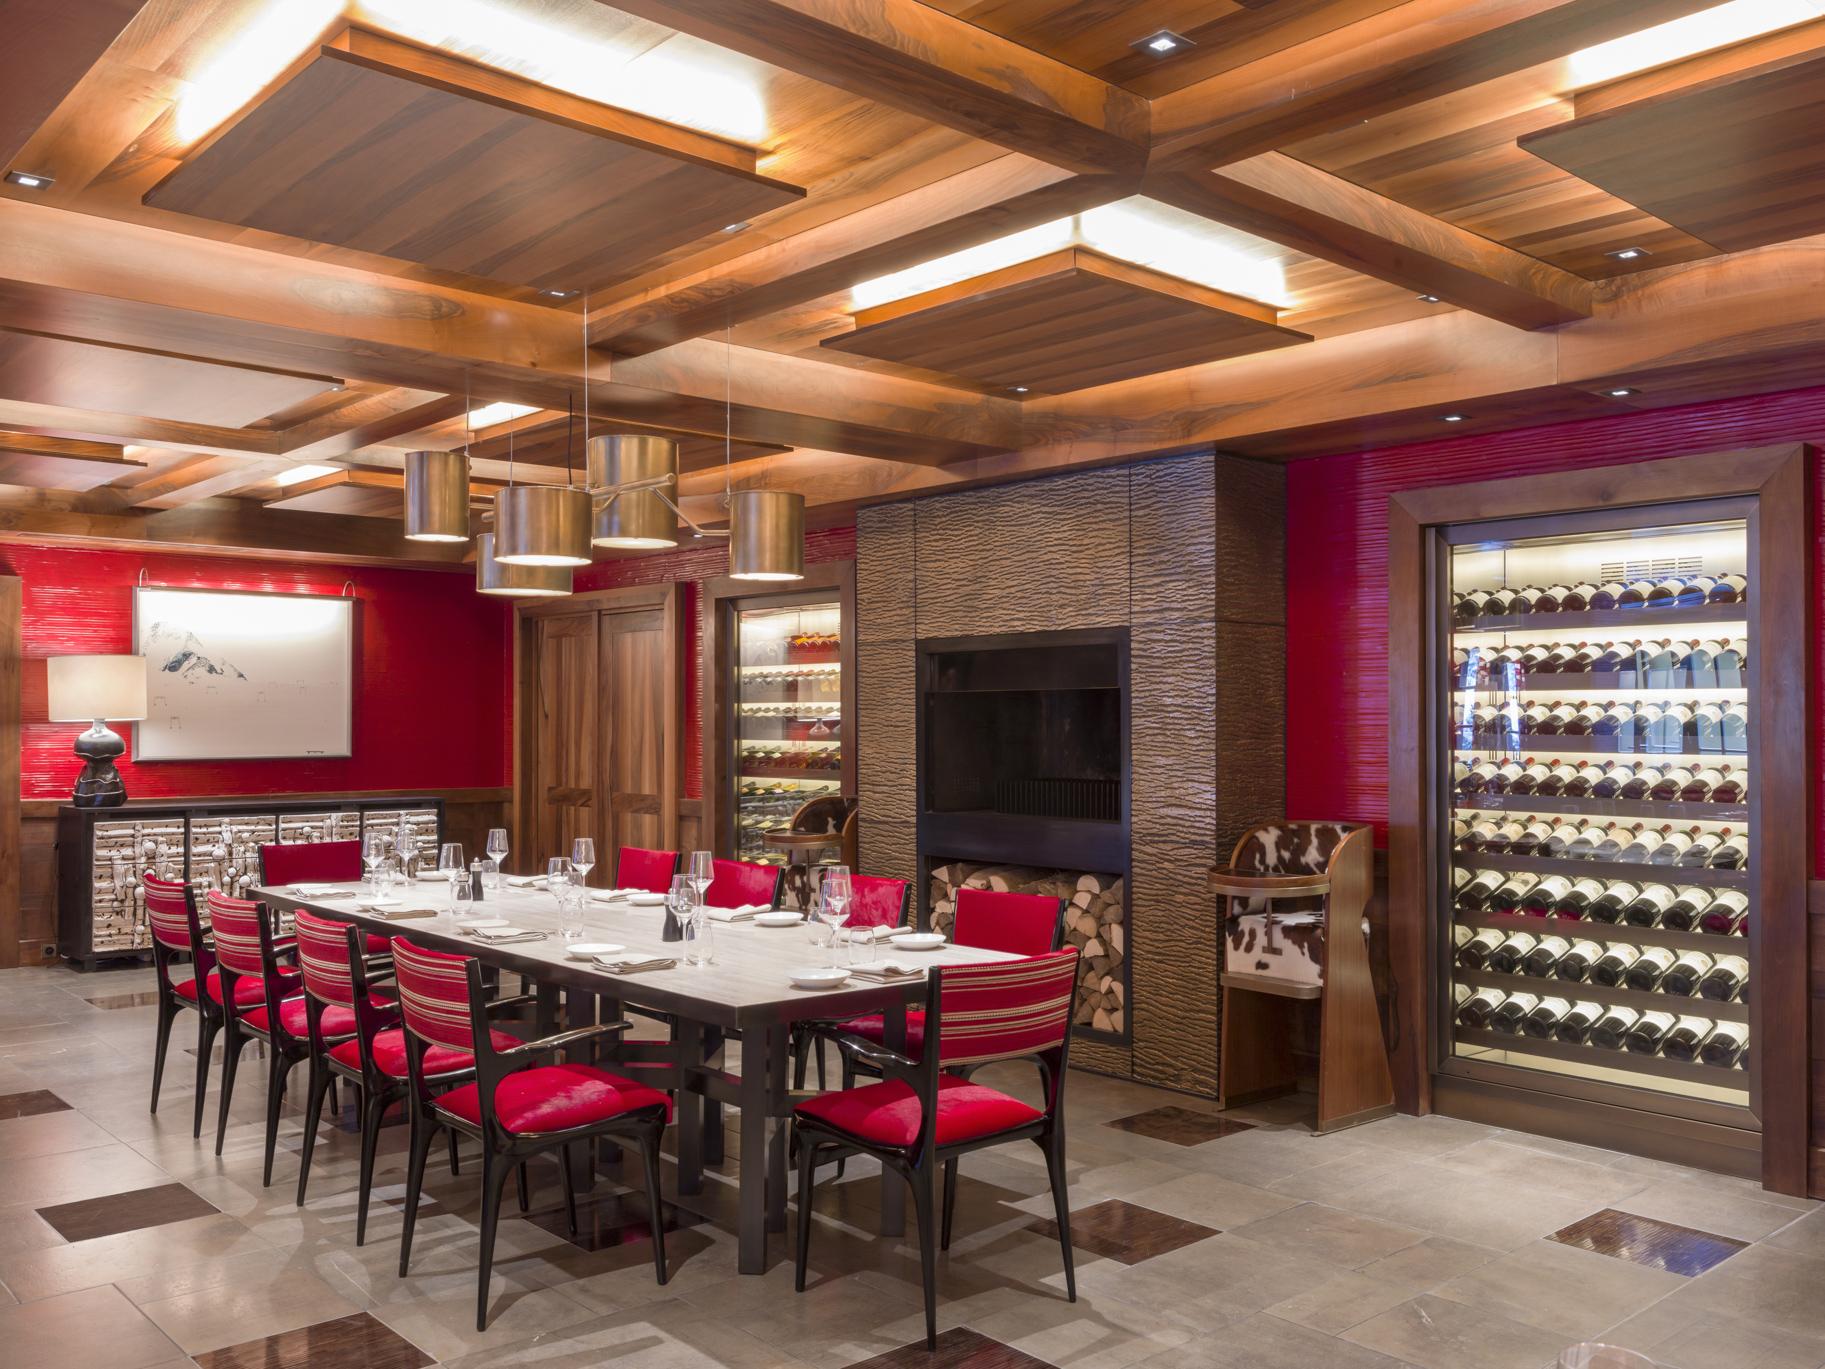 43-restaurant-le-white-white-restaurant-s-julliard.jpg